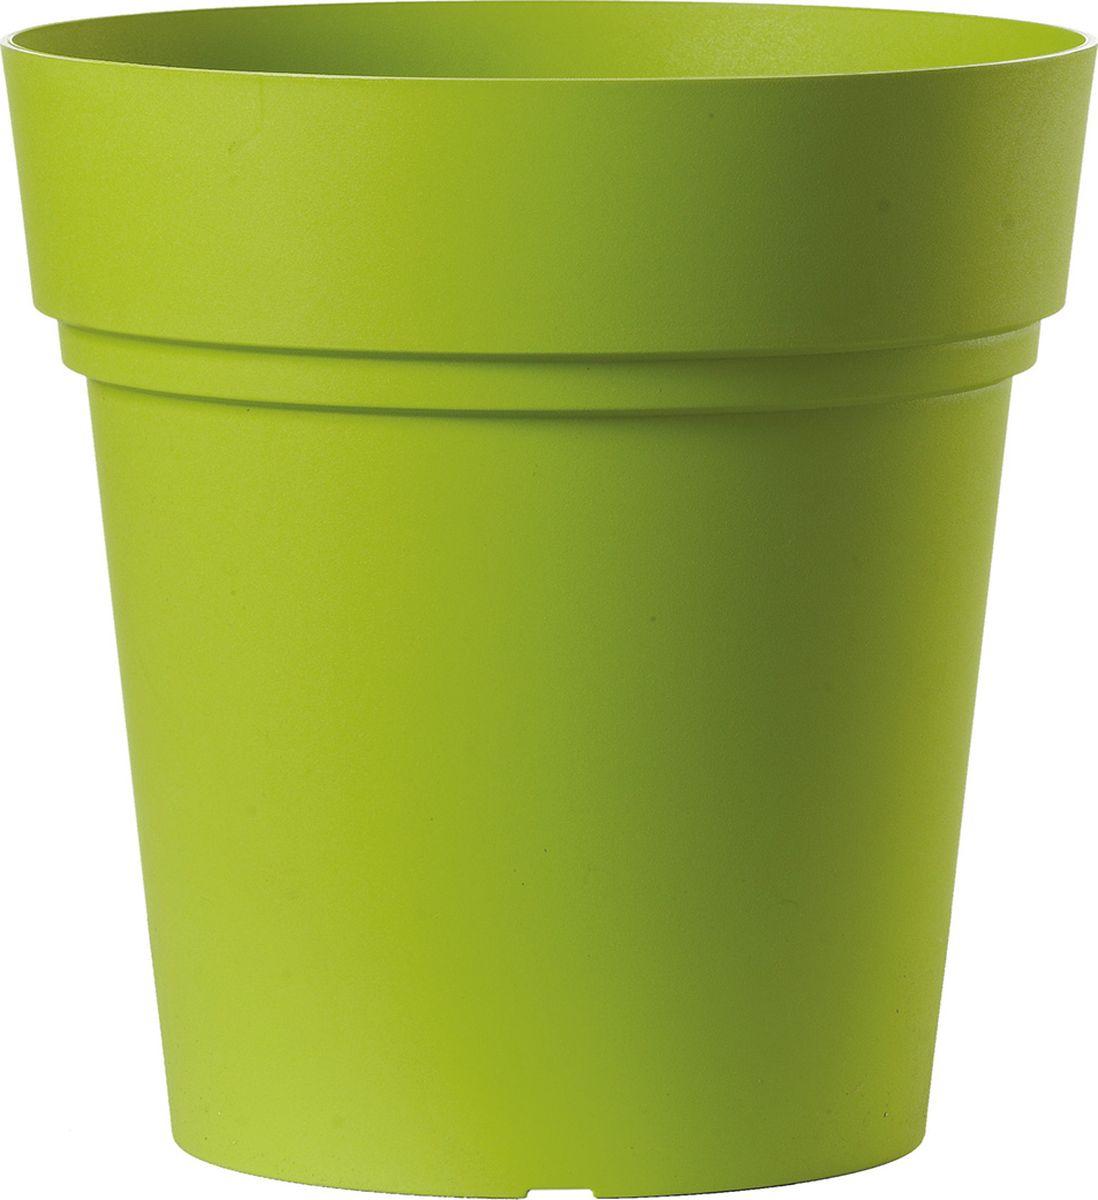 Горшок для цветов Deroma Самба, цвет: зеленый, диаметр 30 см поддон для цветочного горшка deroma самба цвет зеленый диаметр 24 см